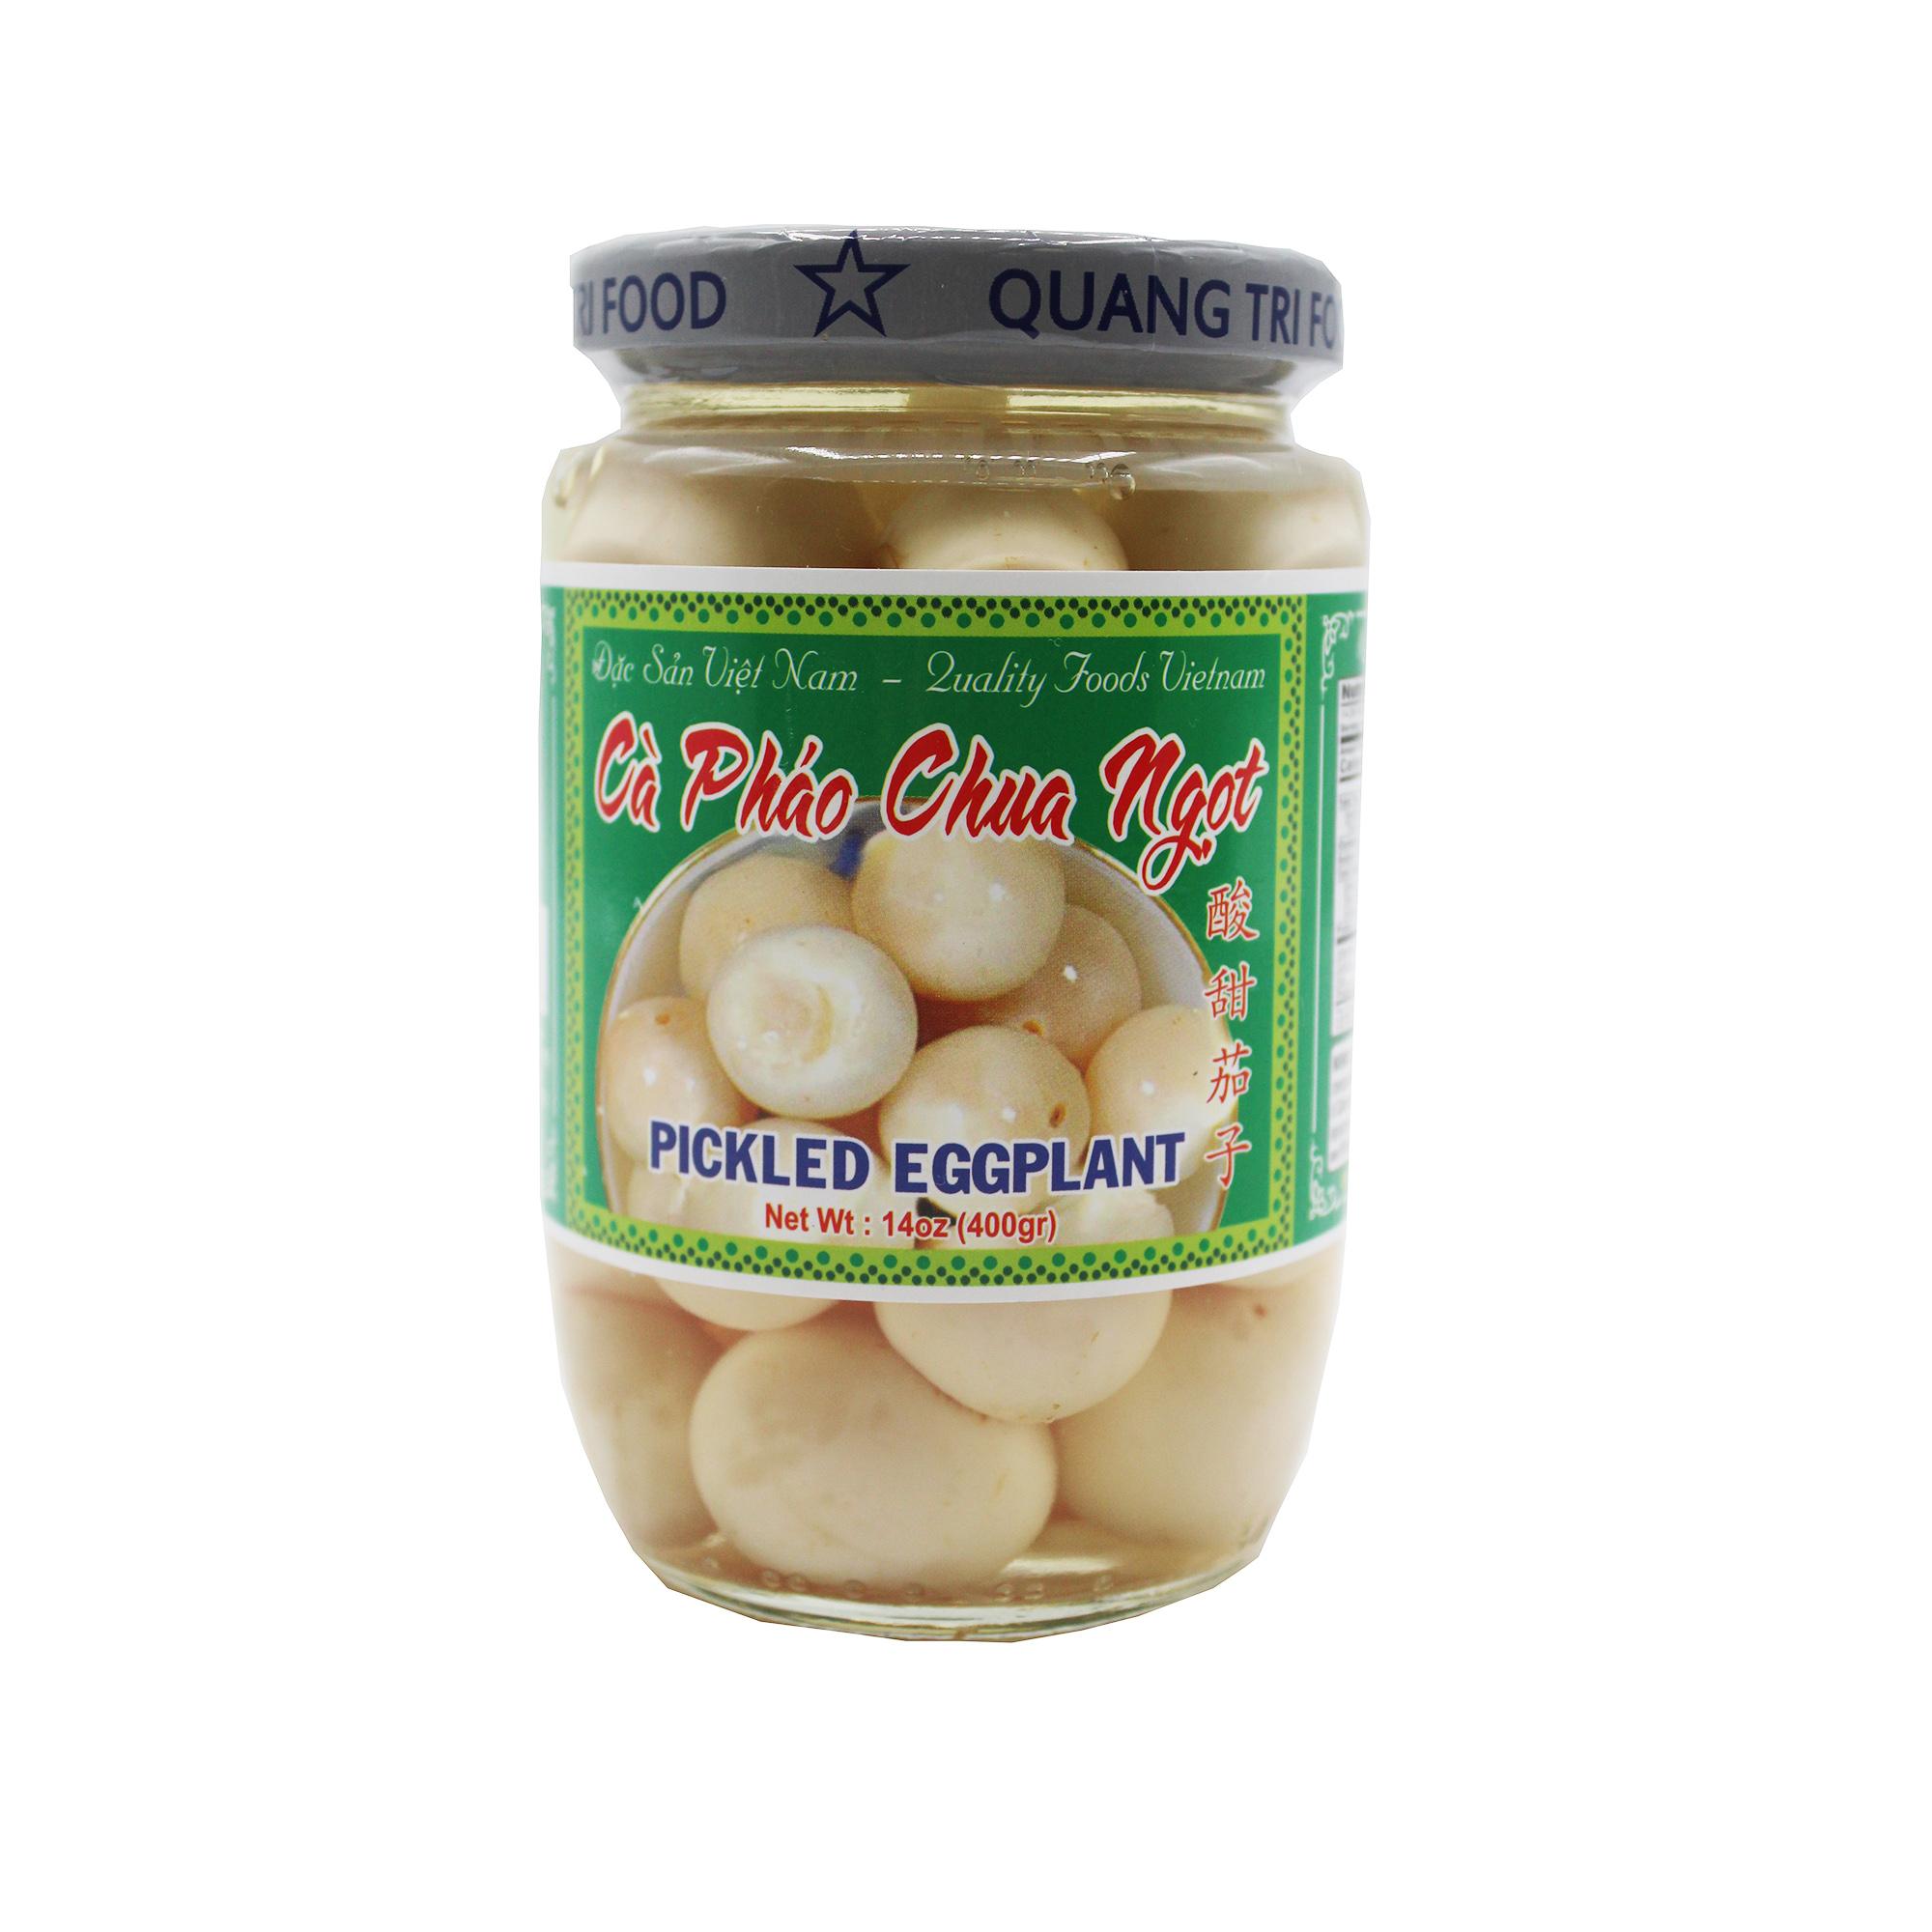 Quang Tri Food Pickle Eggplant / Ca Phao Chua Ngot 14 Oz